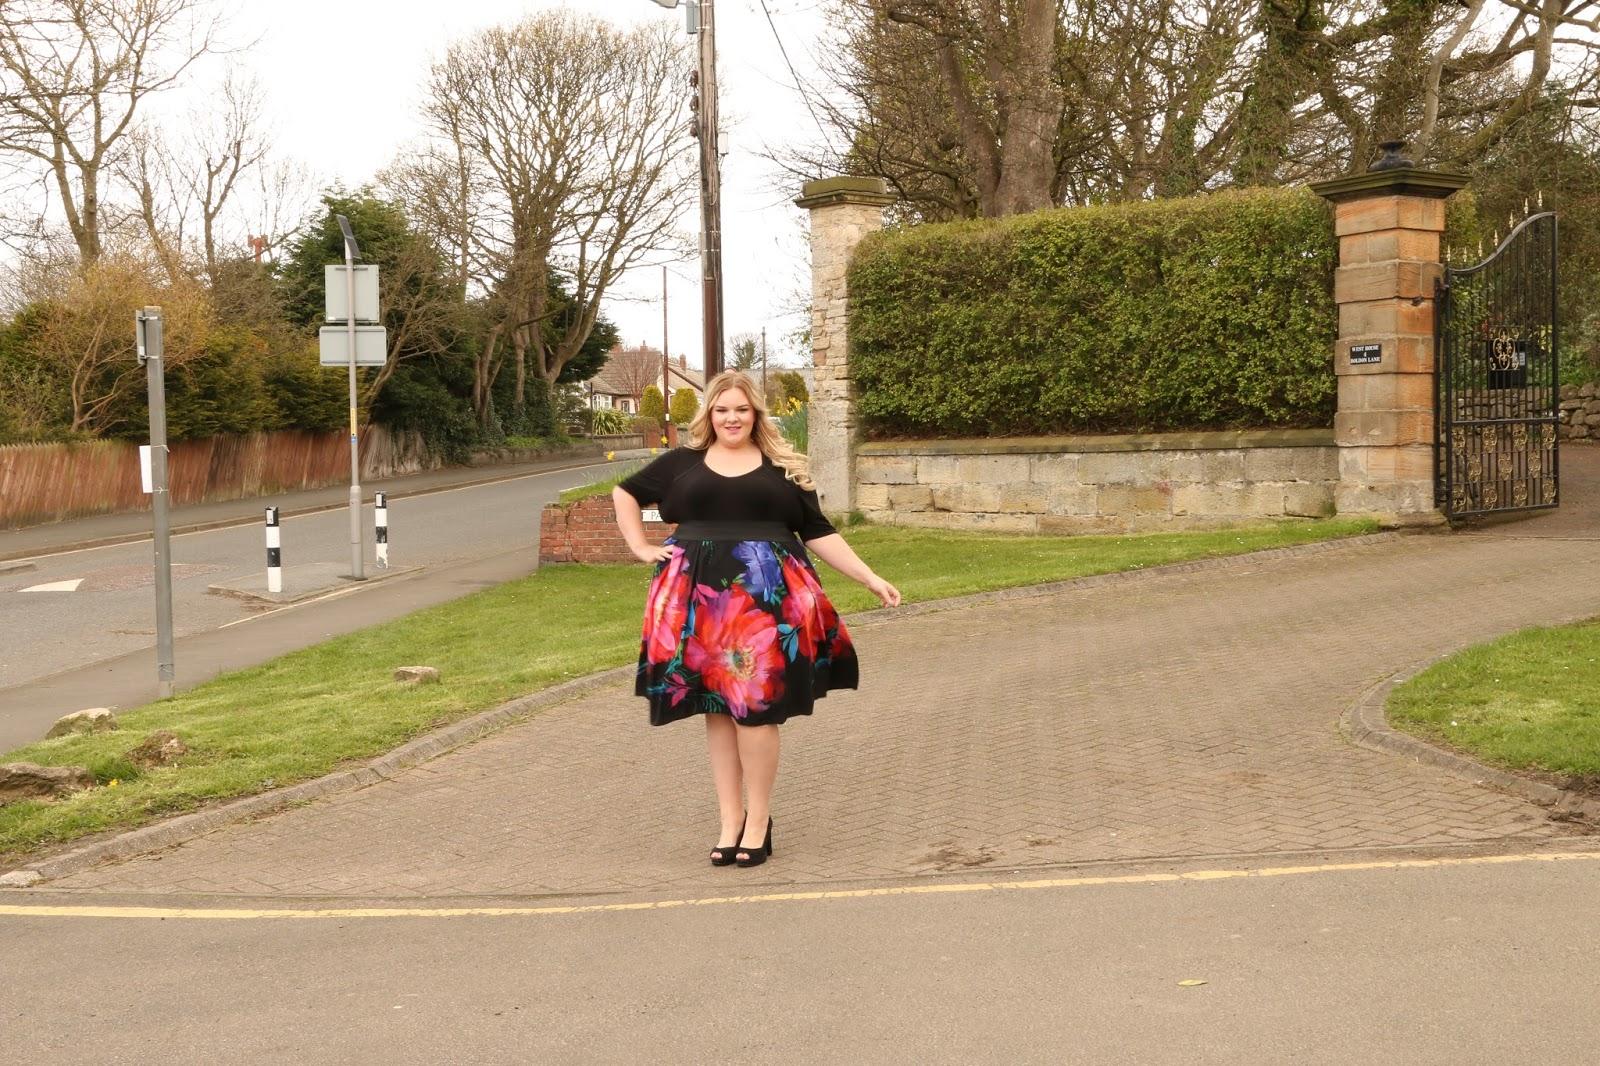 Fashion Scarlett Jo Sweetheart 2 In 1 Dress What Laura Loves